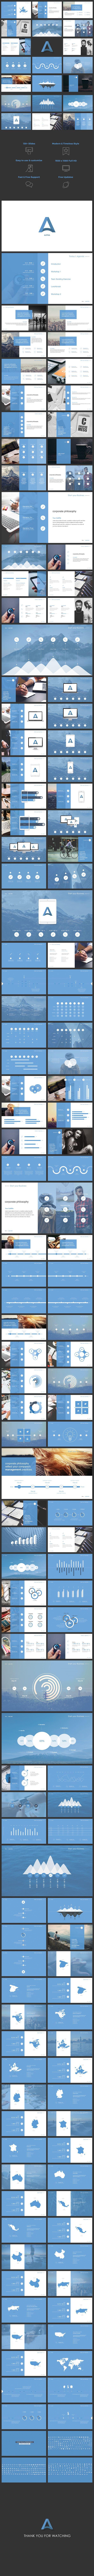 Alpha Slides - Google Slides Presentation Templates